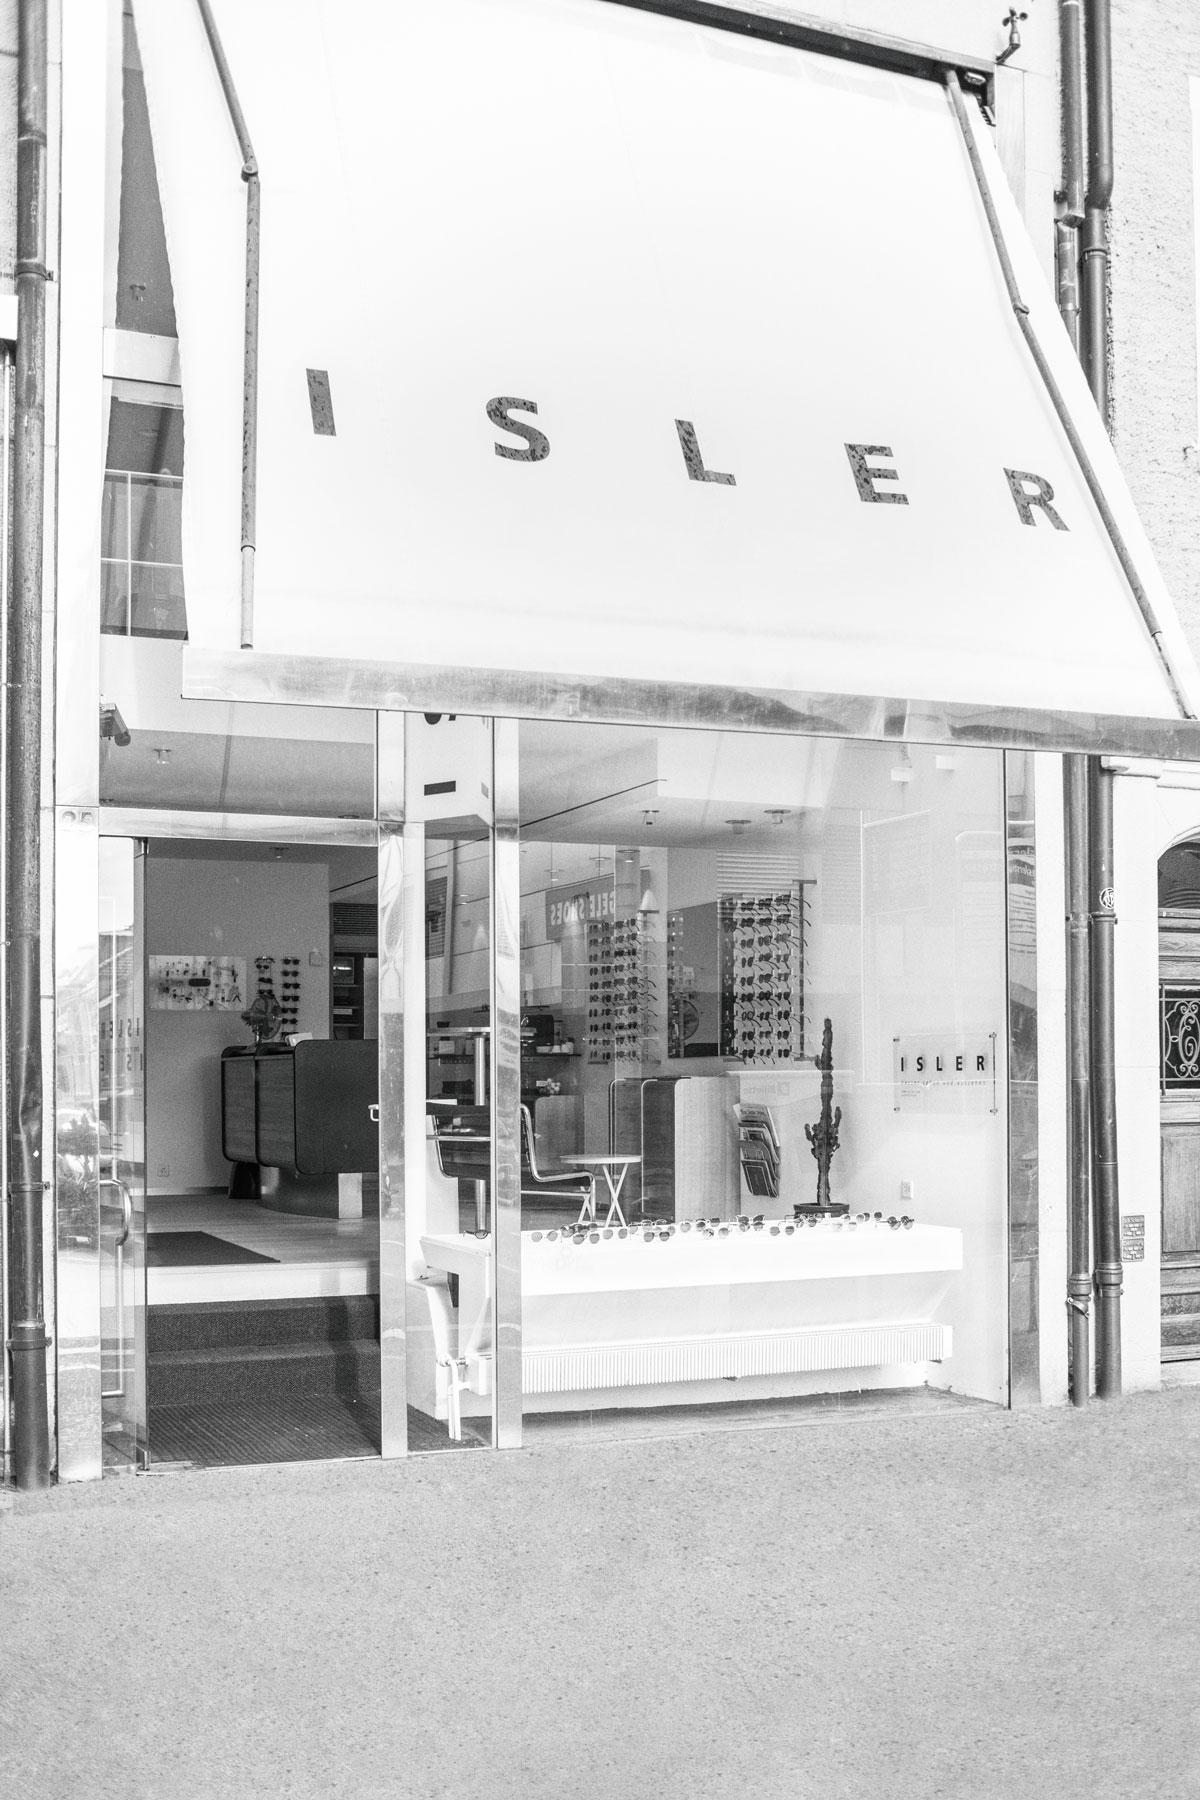 Isler-Optik-Geschichte-Shop.jpg